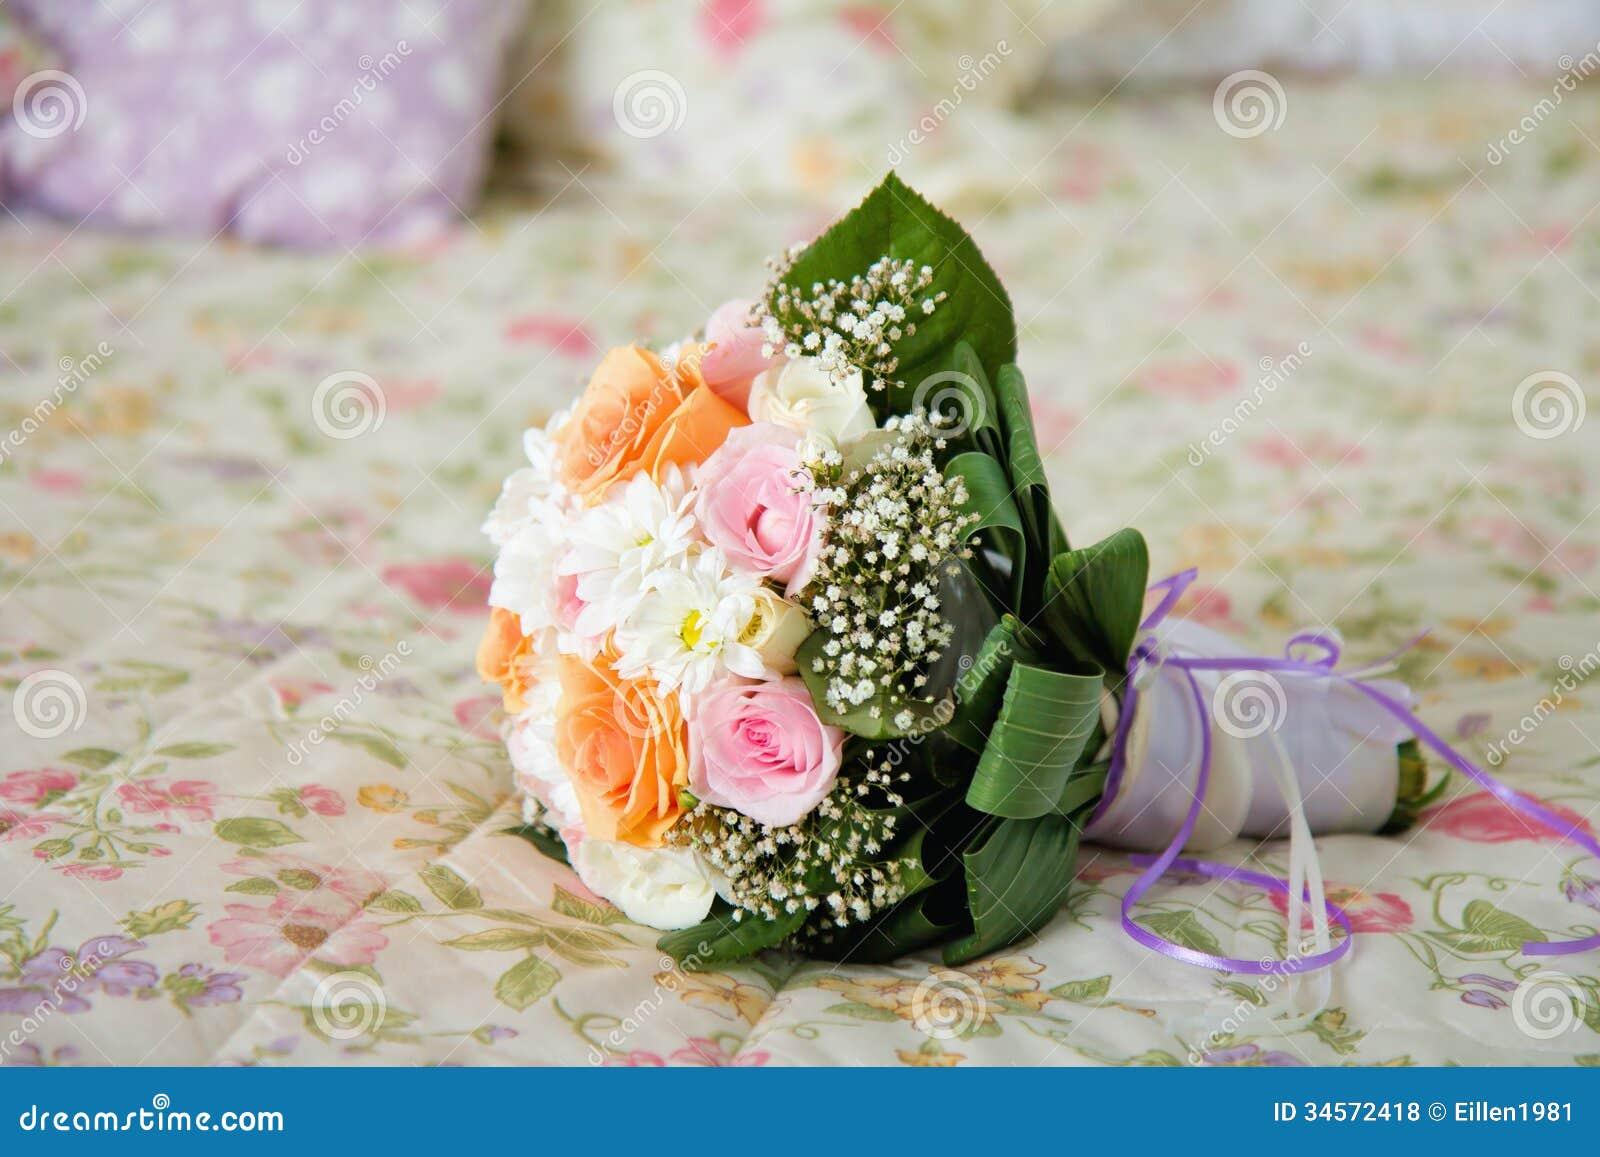 Hochzeitsblumenstrauß auf Bett